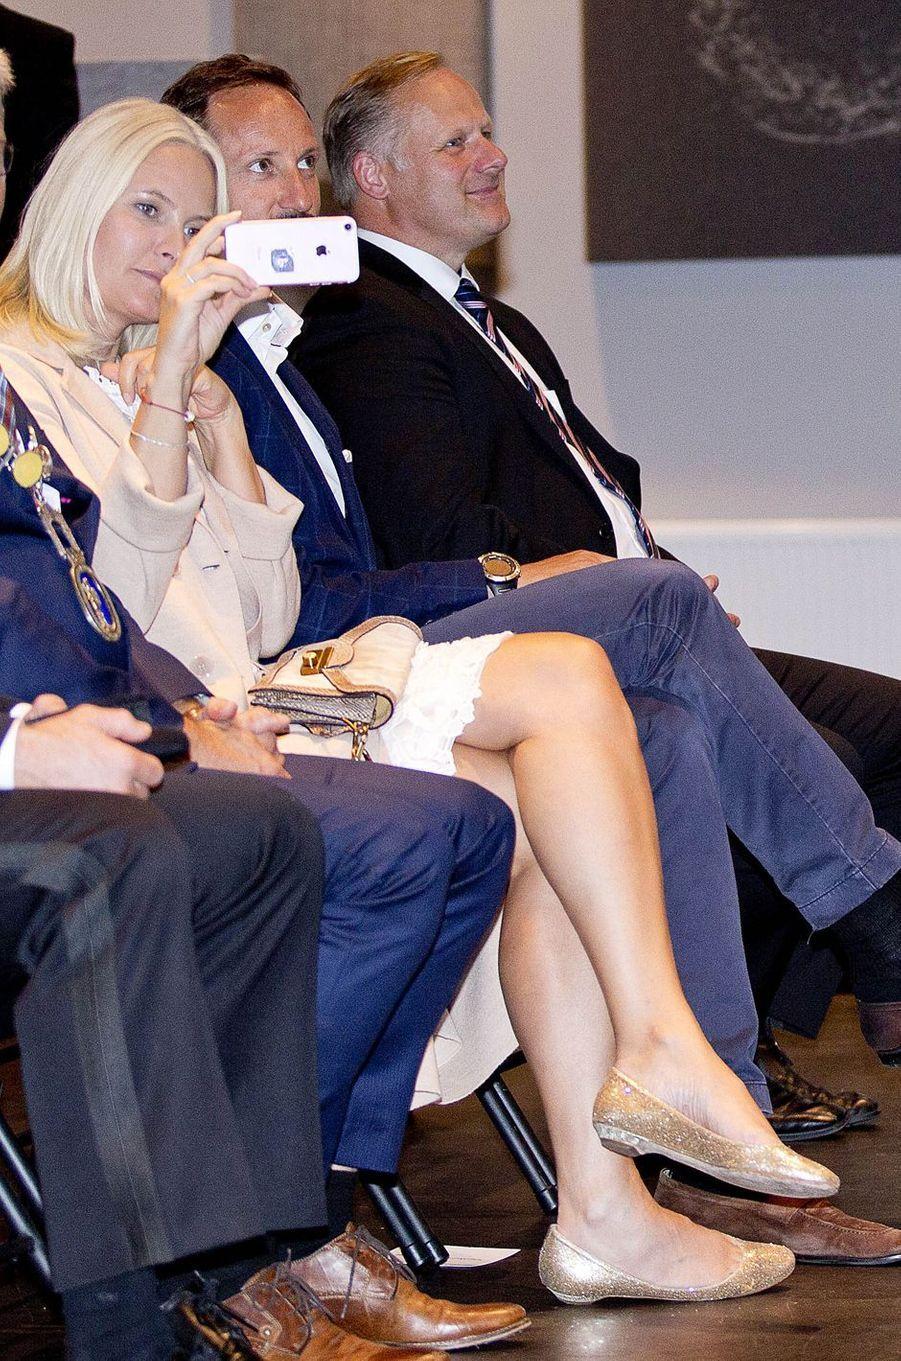 La princesse Mette-Marit et le prince Haakon de Norvège à Halden, le 29 août 2017